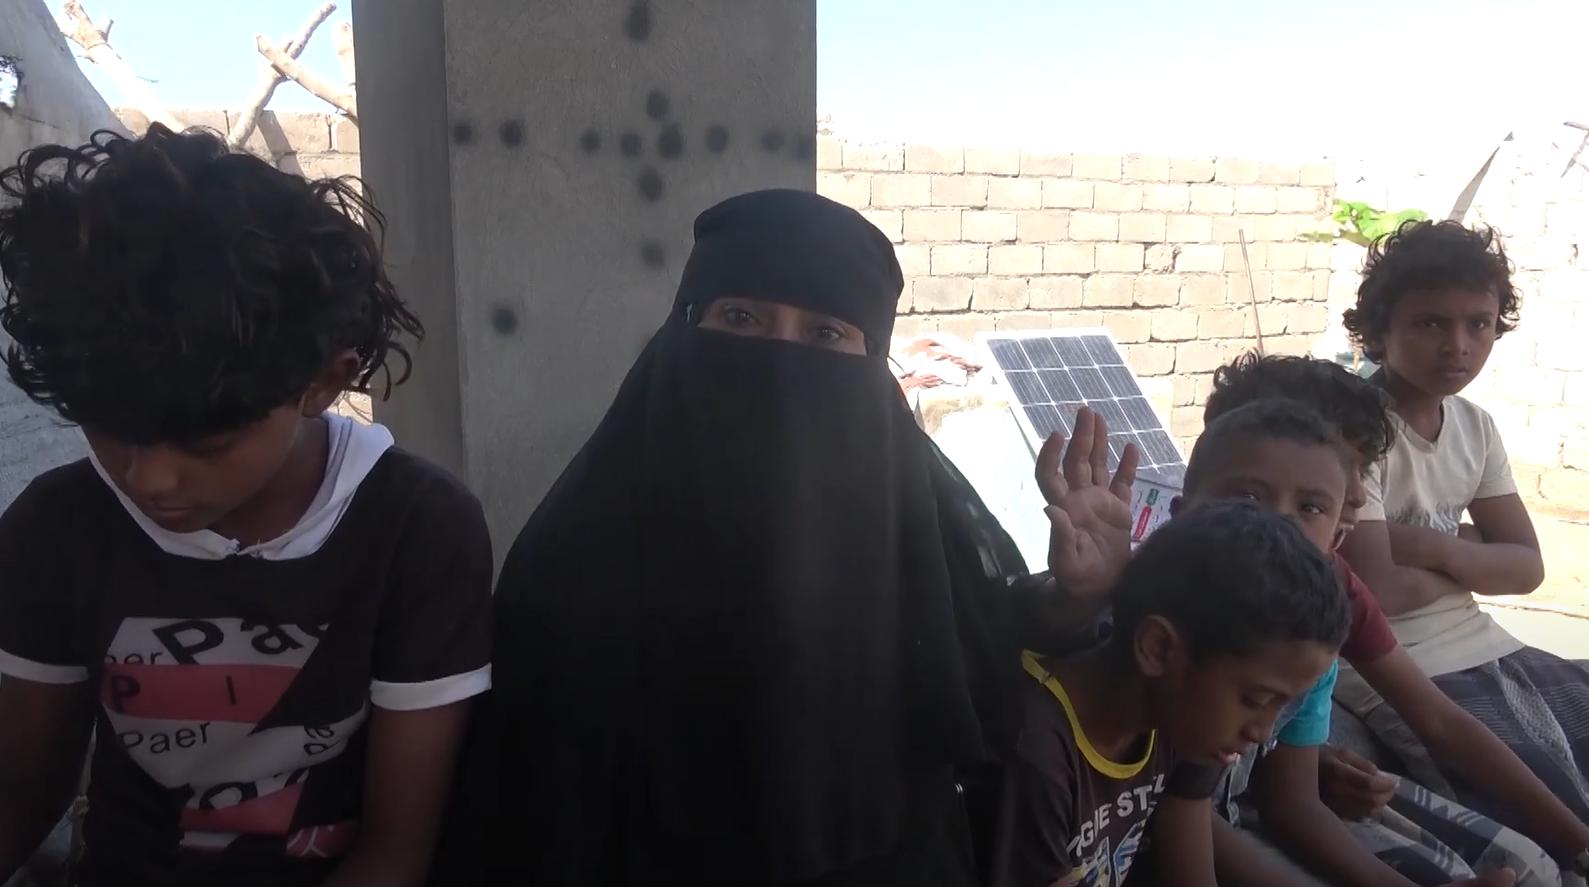 نعمة مع أطفالها الـ6 الذين نزحت برفقتهم إلى الخوخة